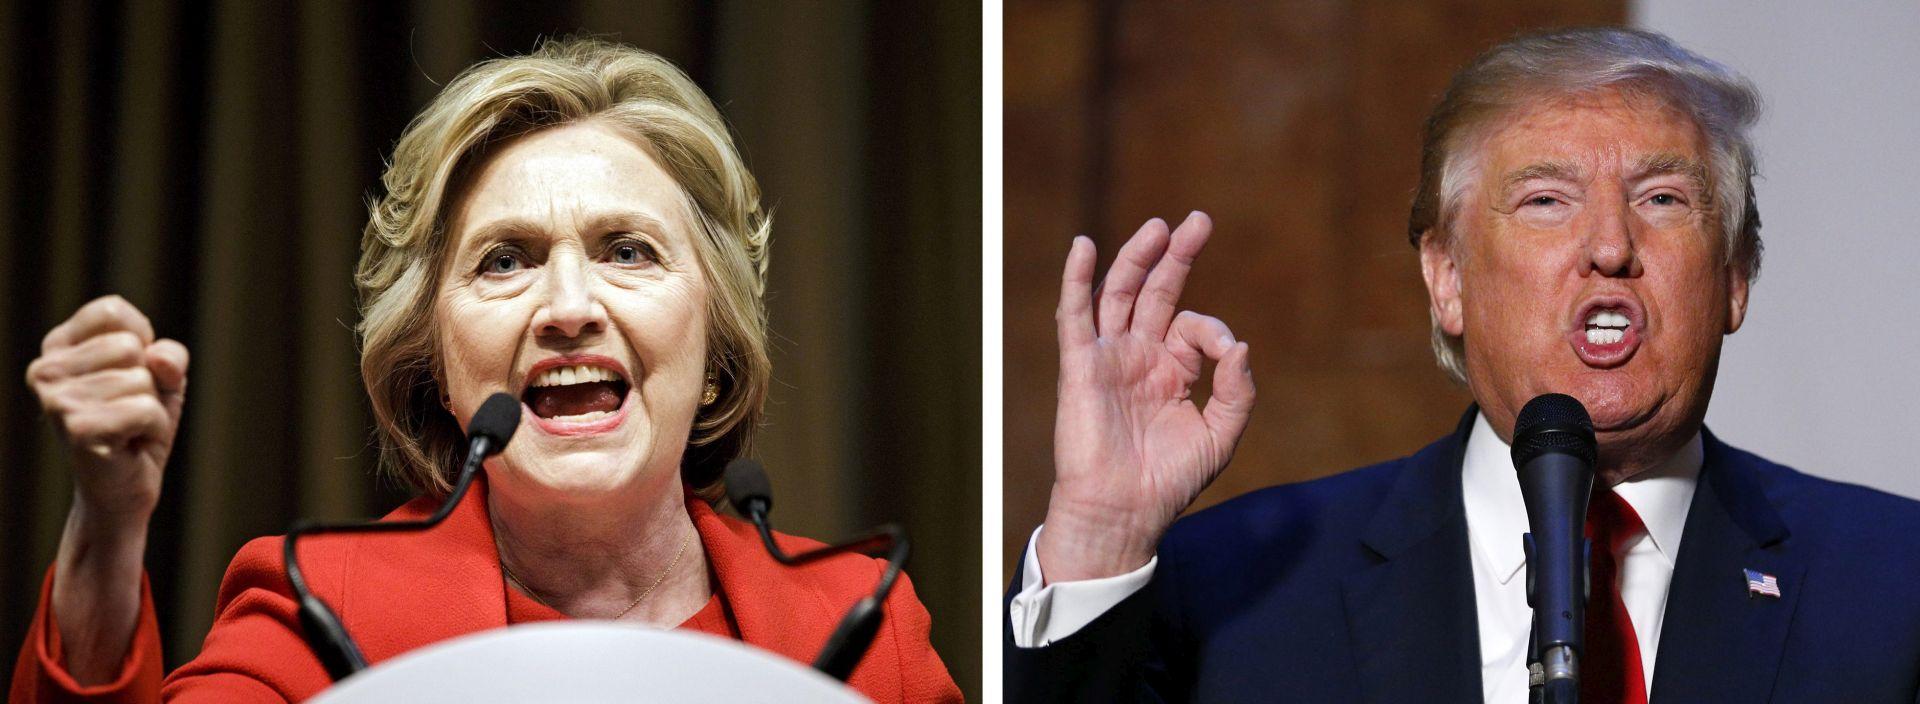 AMERIČKI PREDSJEDNIČKI IZBORI: 'Clinton bi mogla pobijediti na izborima i izgubiti zemlju'